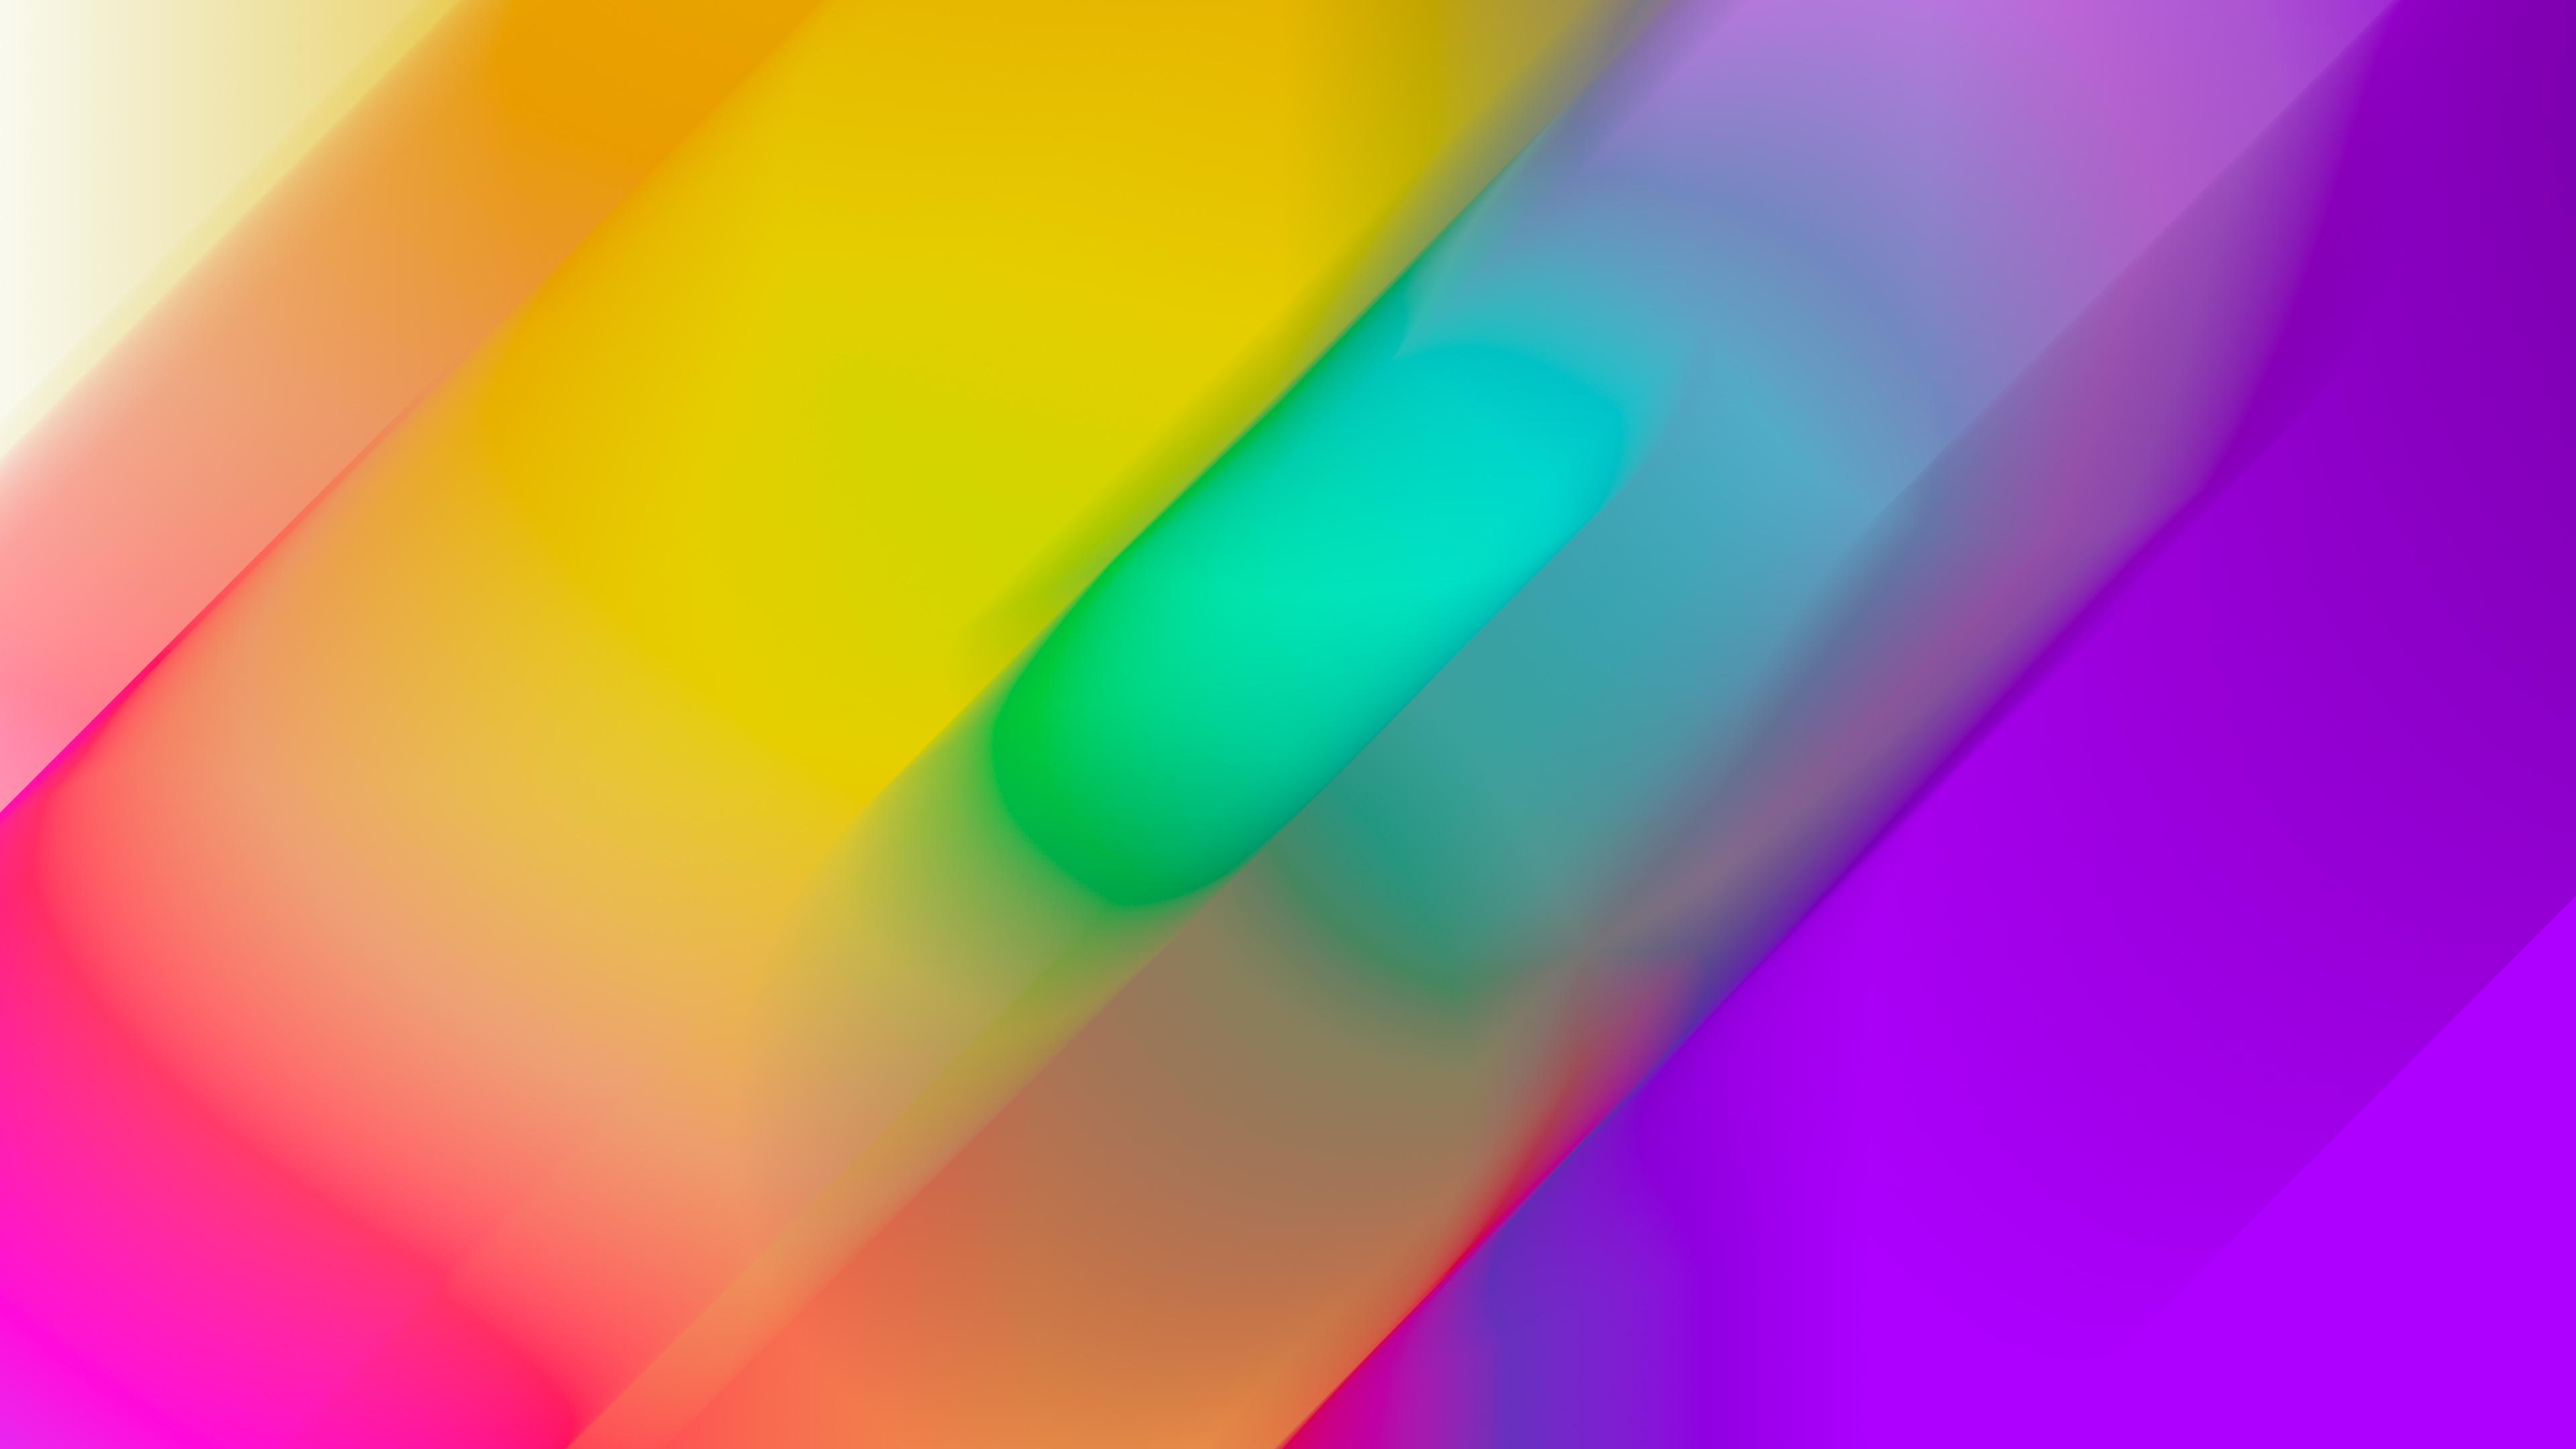 abstract colorfuls 4k 1546278072 - Abstract Colorfuls 4k - hd-wallpapers, colorful wallpapers, abstract wallpapers, 4k-wallpapers